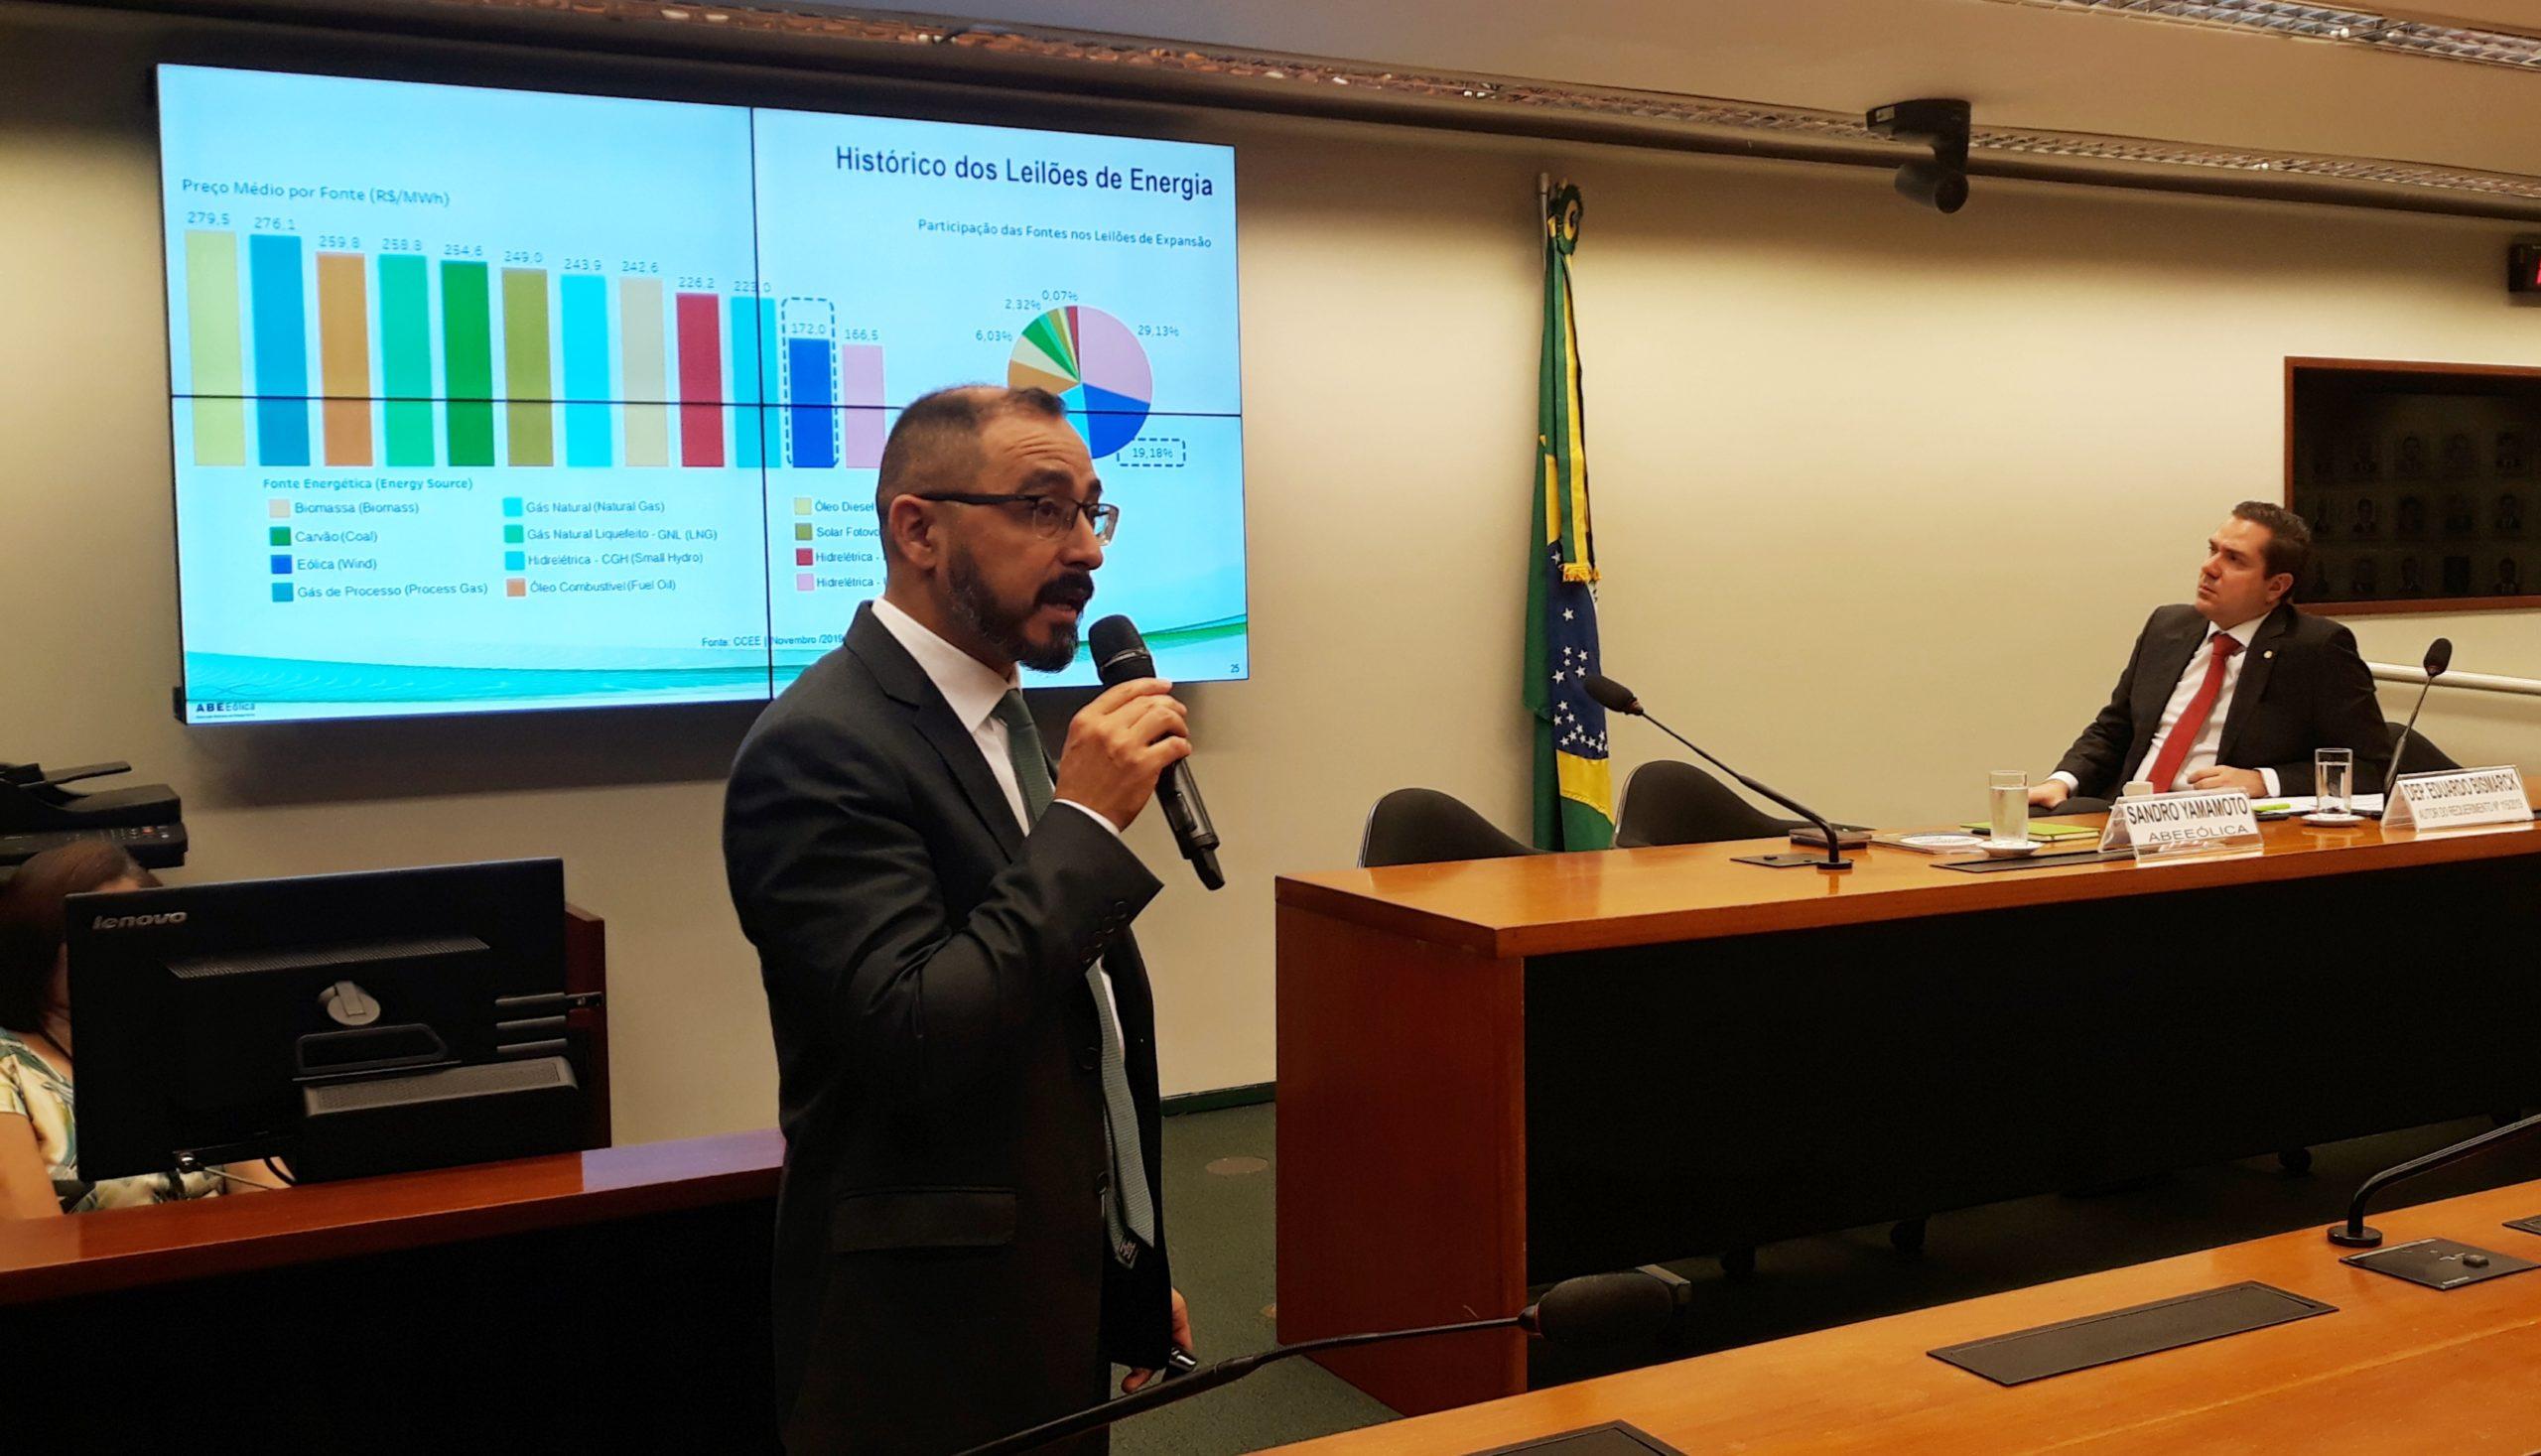 Parlamentares debatem expansão energética no Brasil